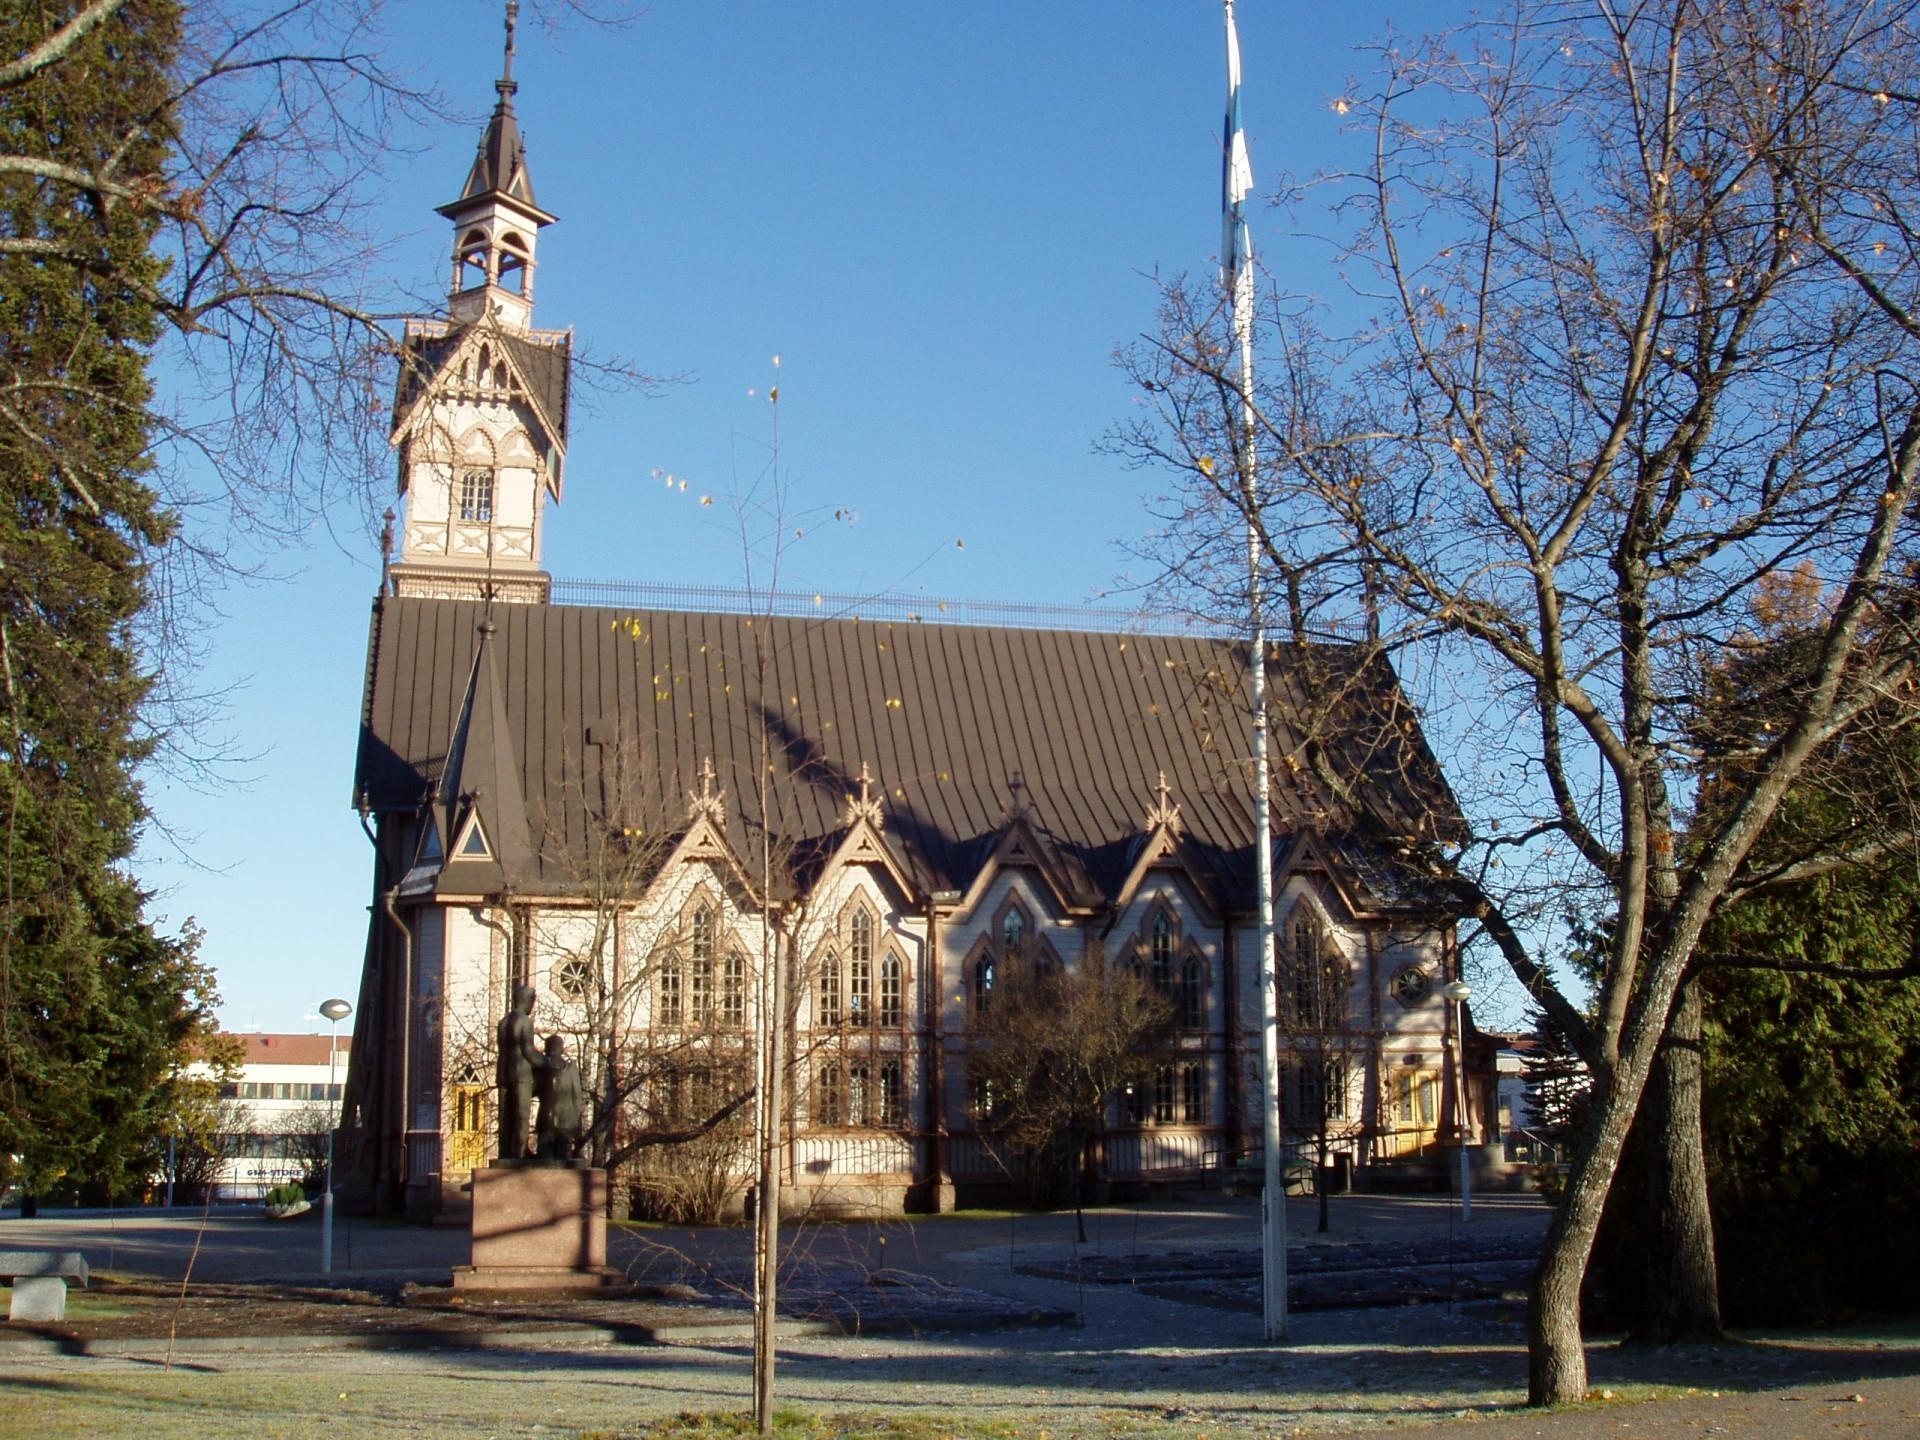 Kajaanin evankelis-luterilaisen kirkon suunnitteli arkkitehti Jac. Ahrenberg.